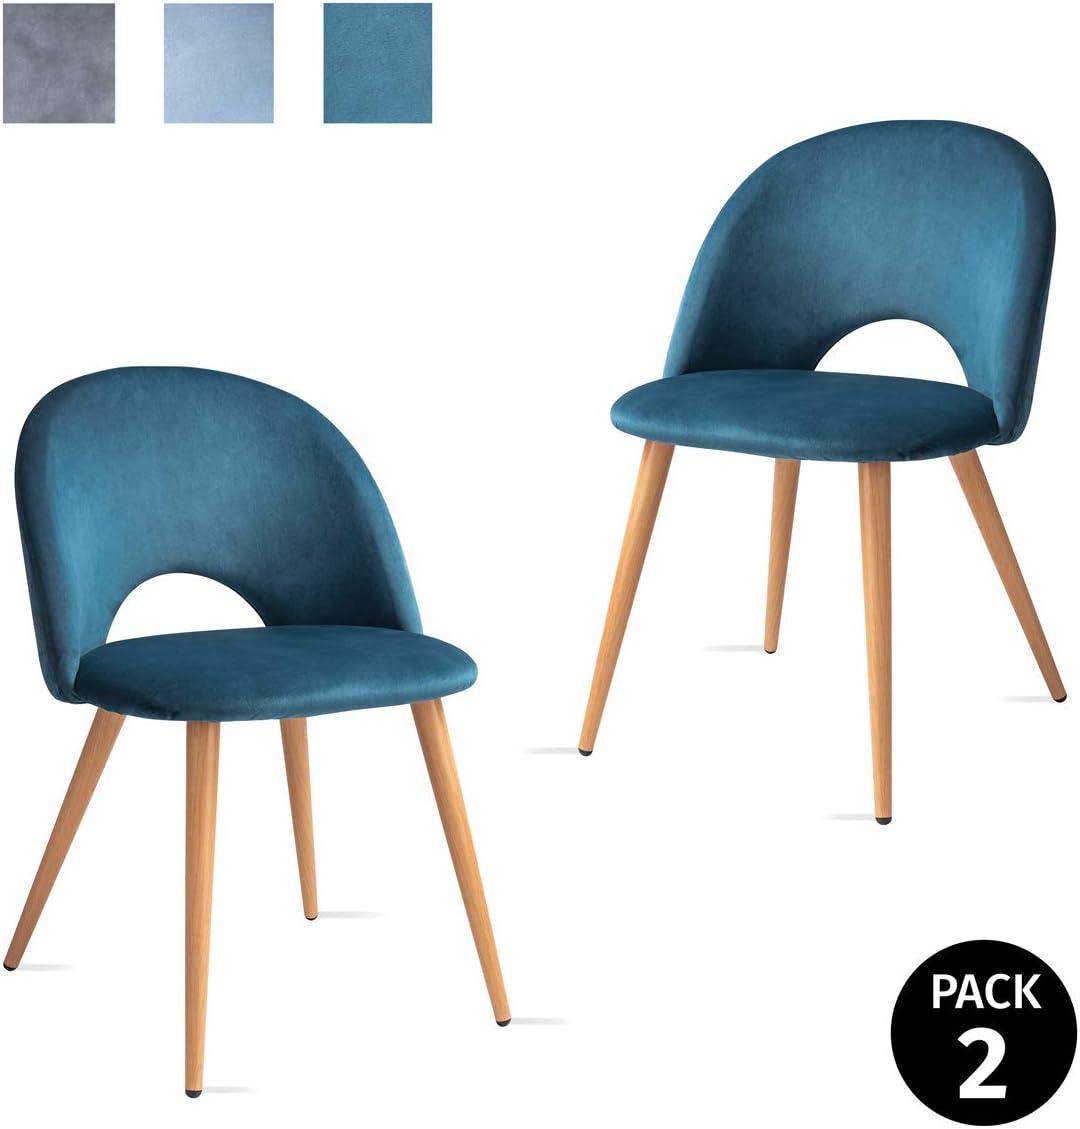 Mc Haus LUNA - Pack 2 Sillas Nórdicas Comedor Tapizadas en tela Azul cielo, Butaca Salón Dormitorio Respaldo con apertura y Asiento Acolchados y patas de metal efecto Madera 49x46x76cm: Amazon.es: Juguetes